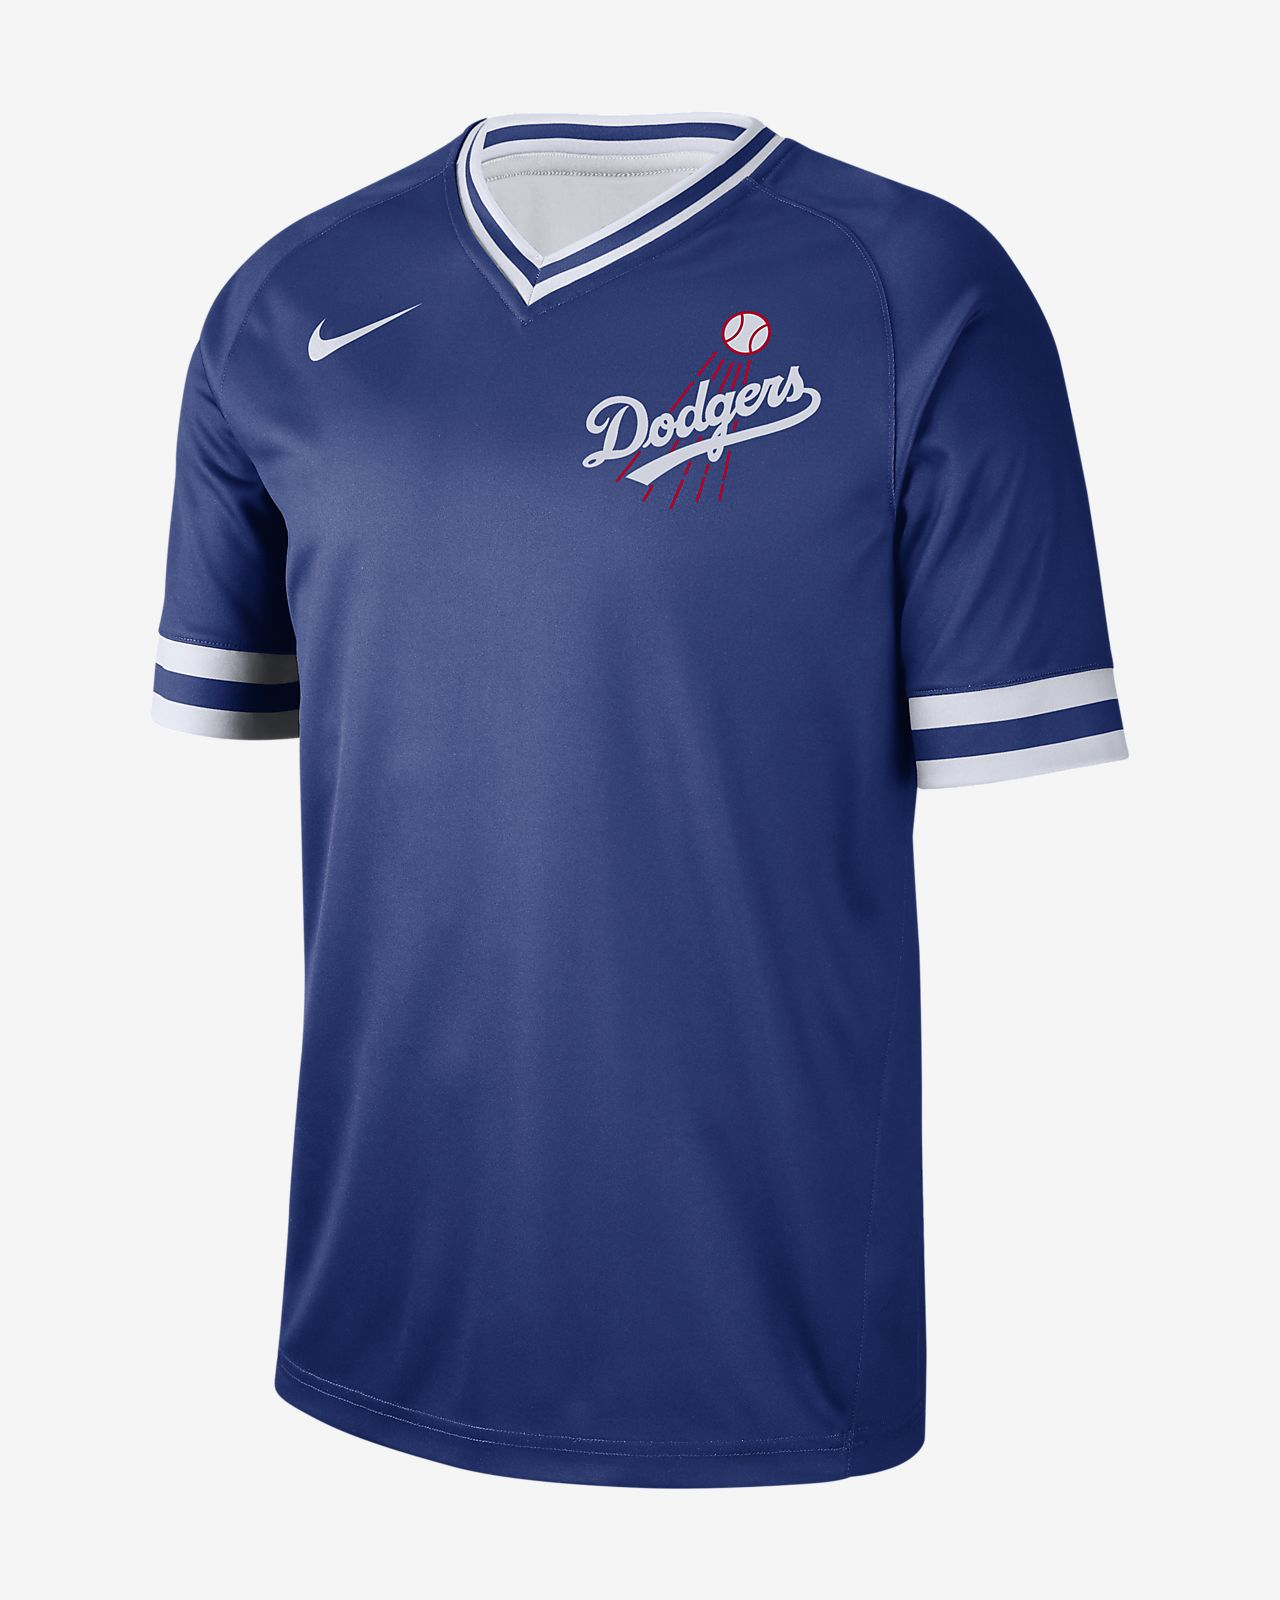 ed4b85796e9 Nike Legend V-Neck (MLB Dodgers) Men s T-Shirt. Nike.com